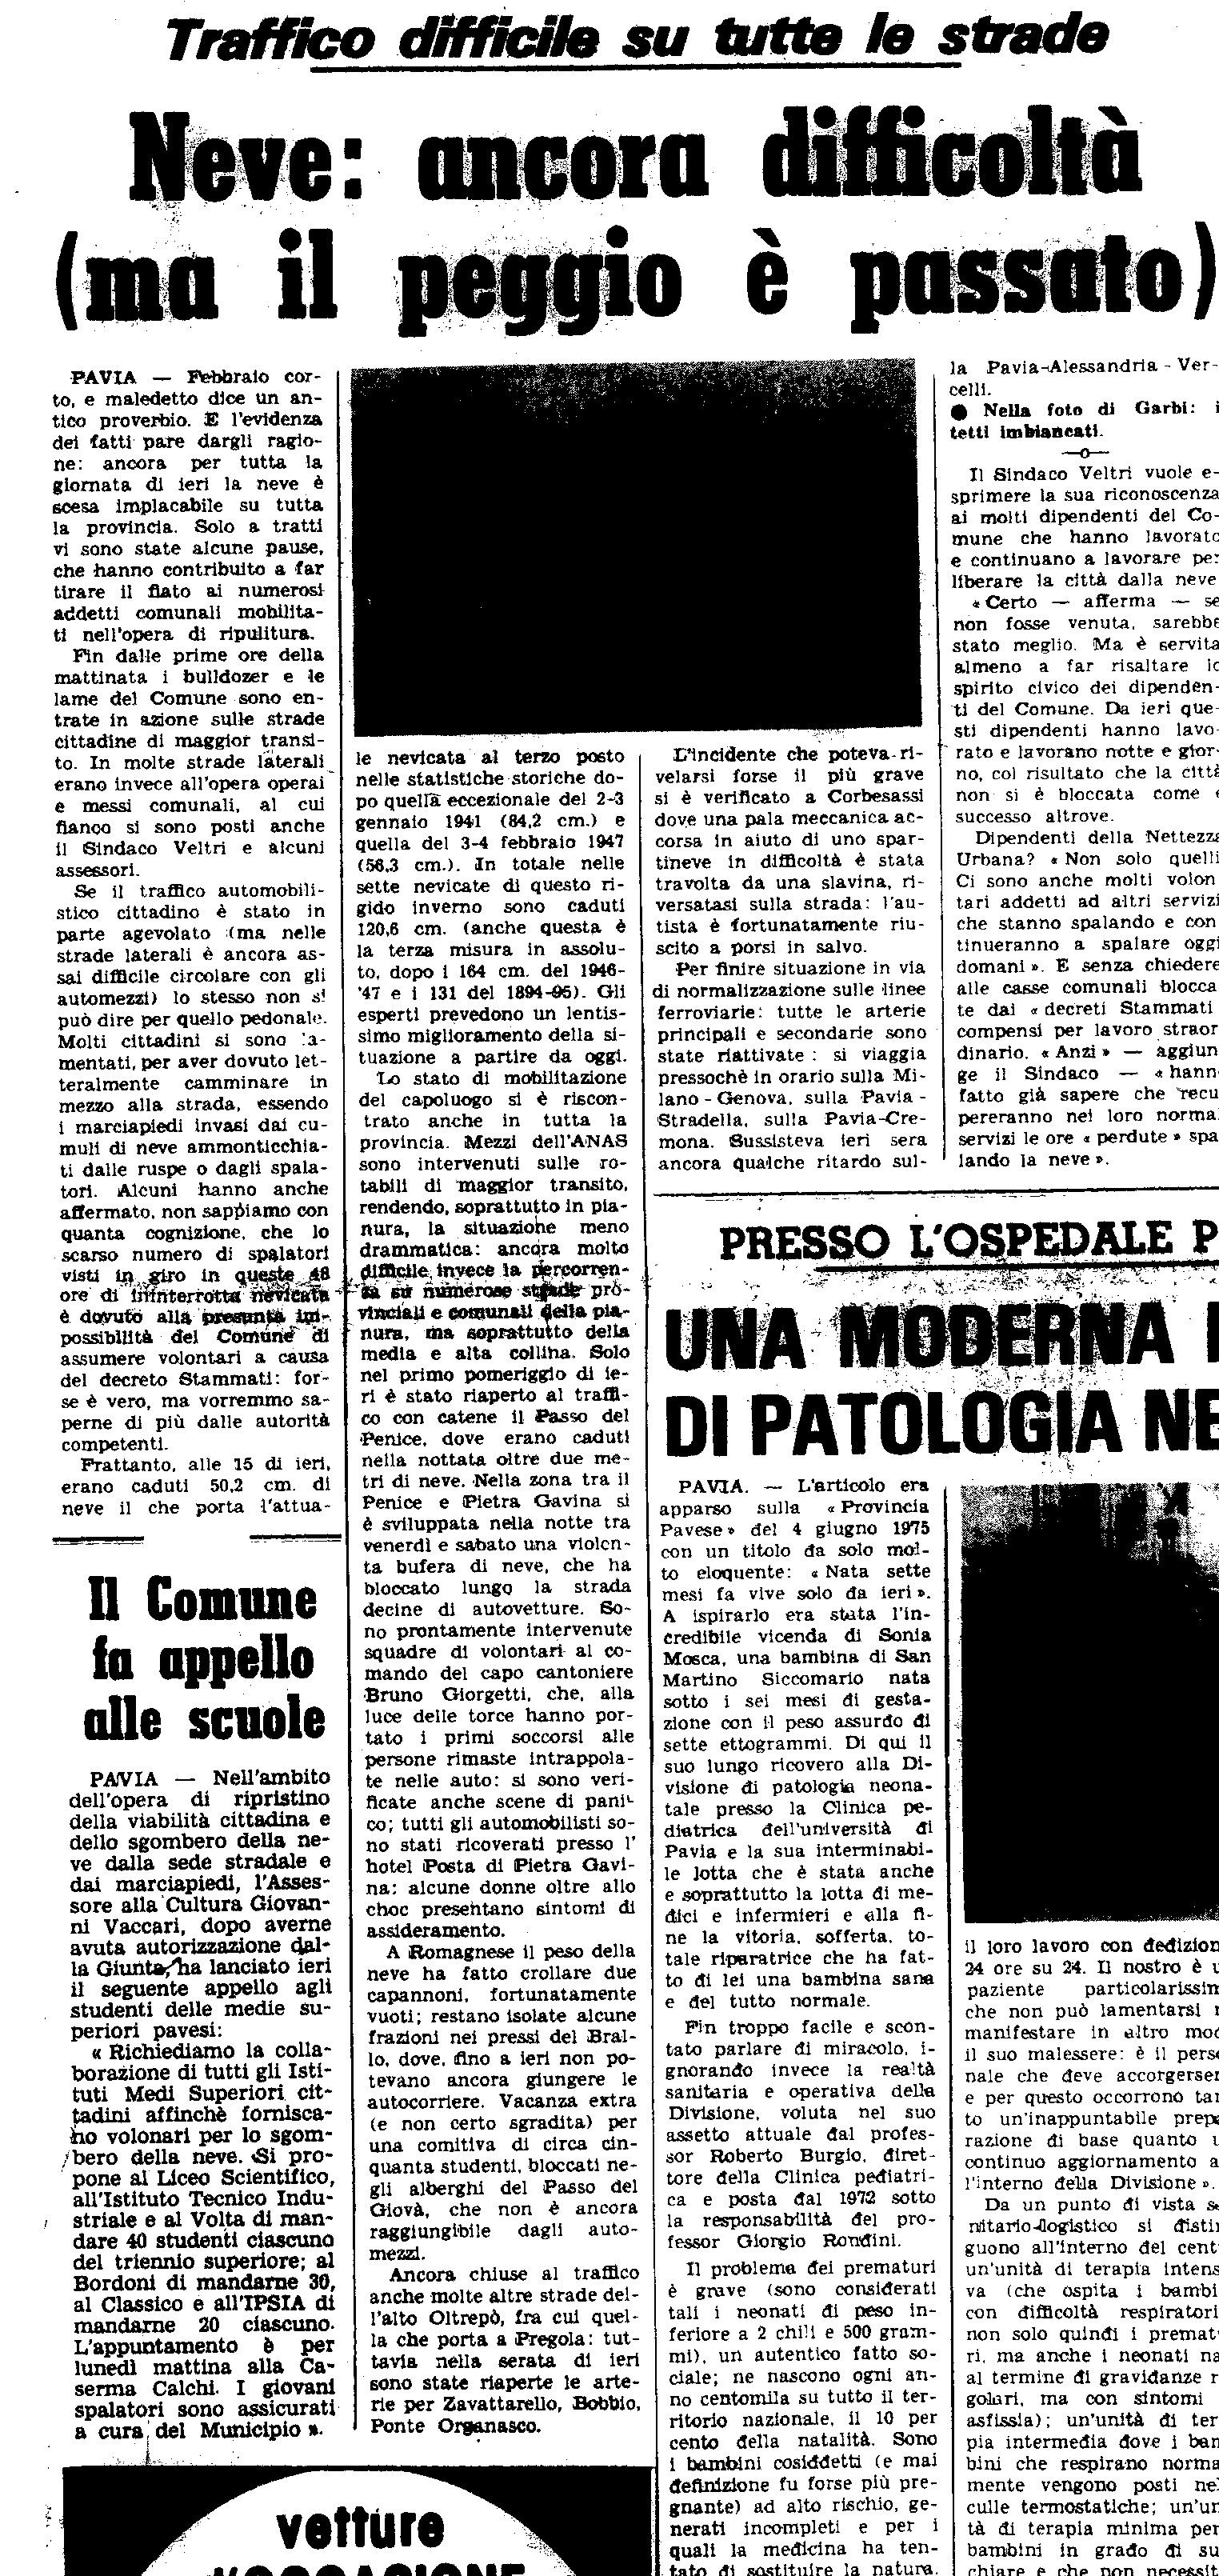 La nevicata del 12 Febbraio 1978, ripresa da un articolo de